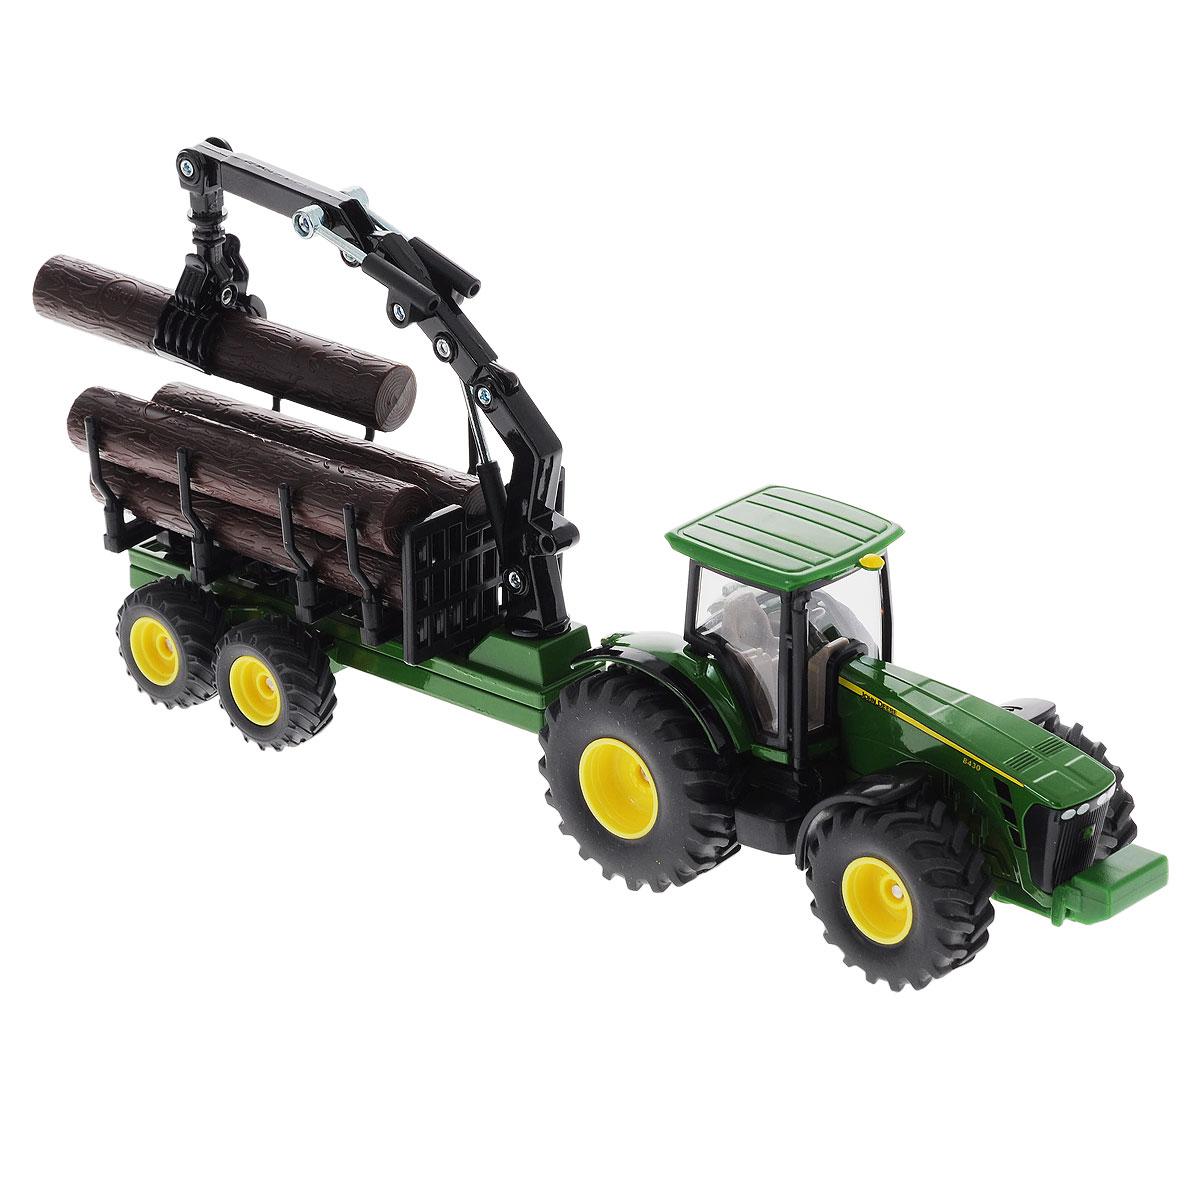 Siku Трактор-лесовоз John Deere 8430 машины tomy трактор john deere monster treads с большими резиновыми колесами